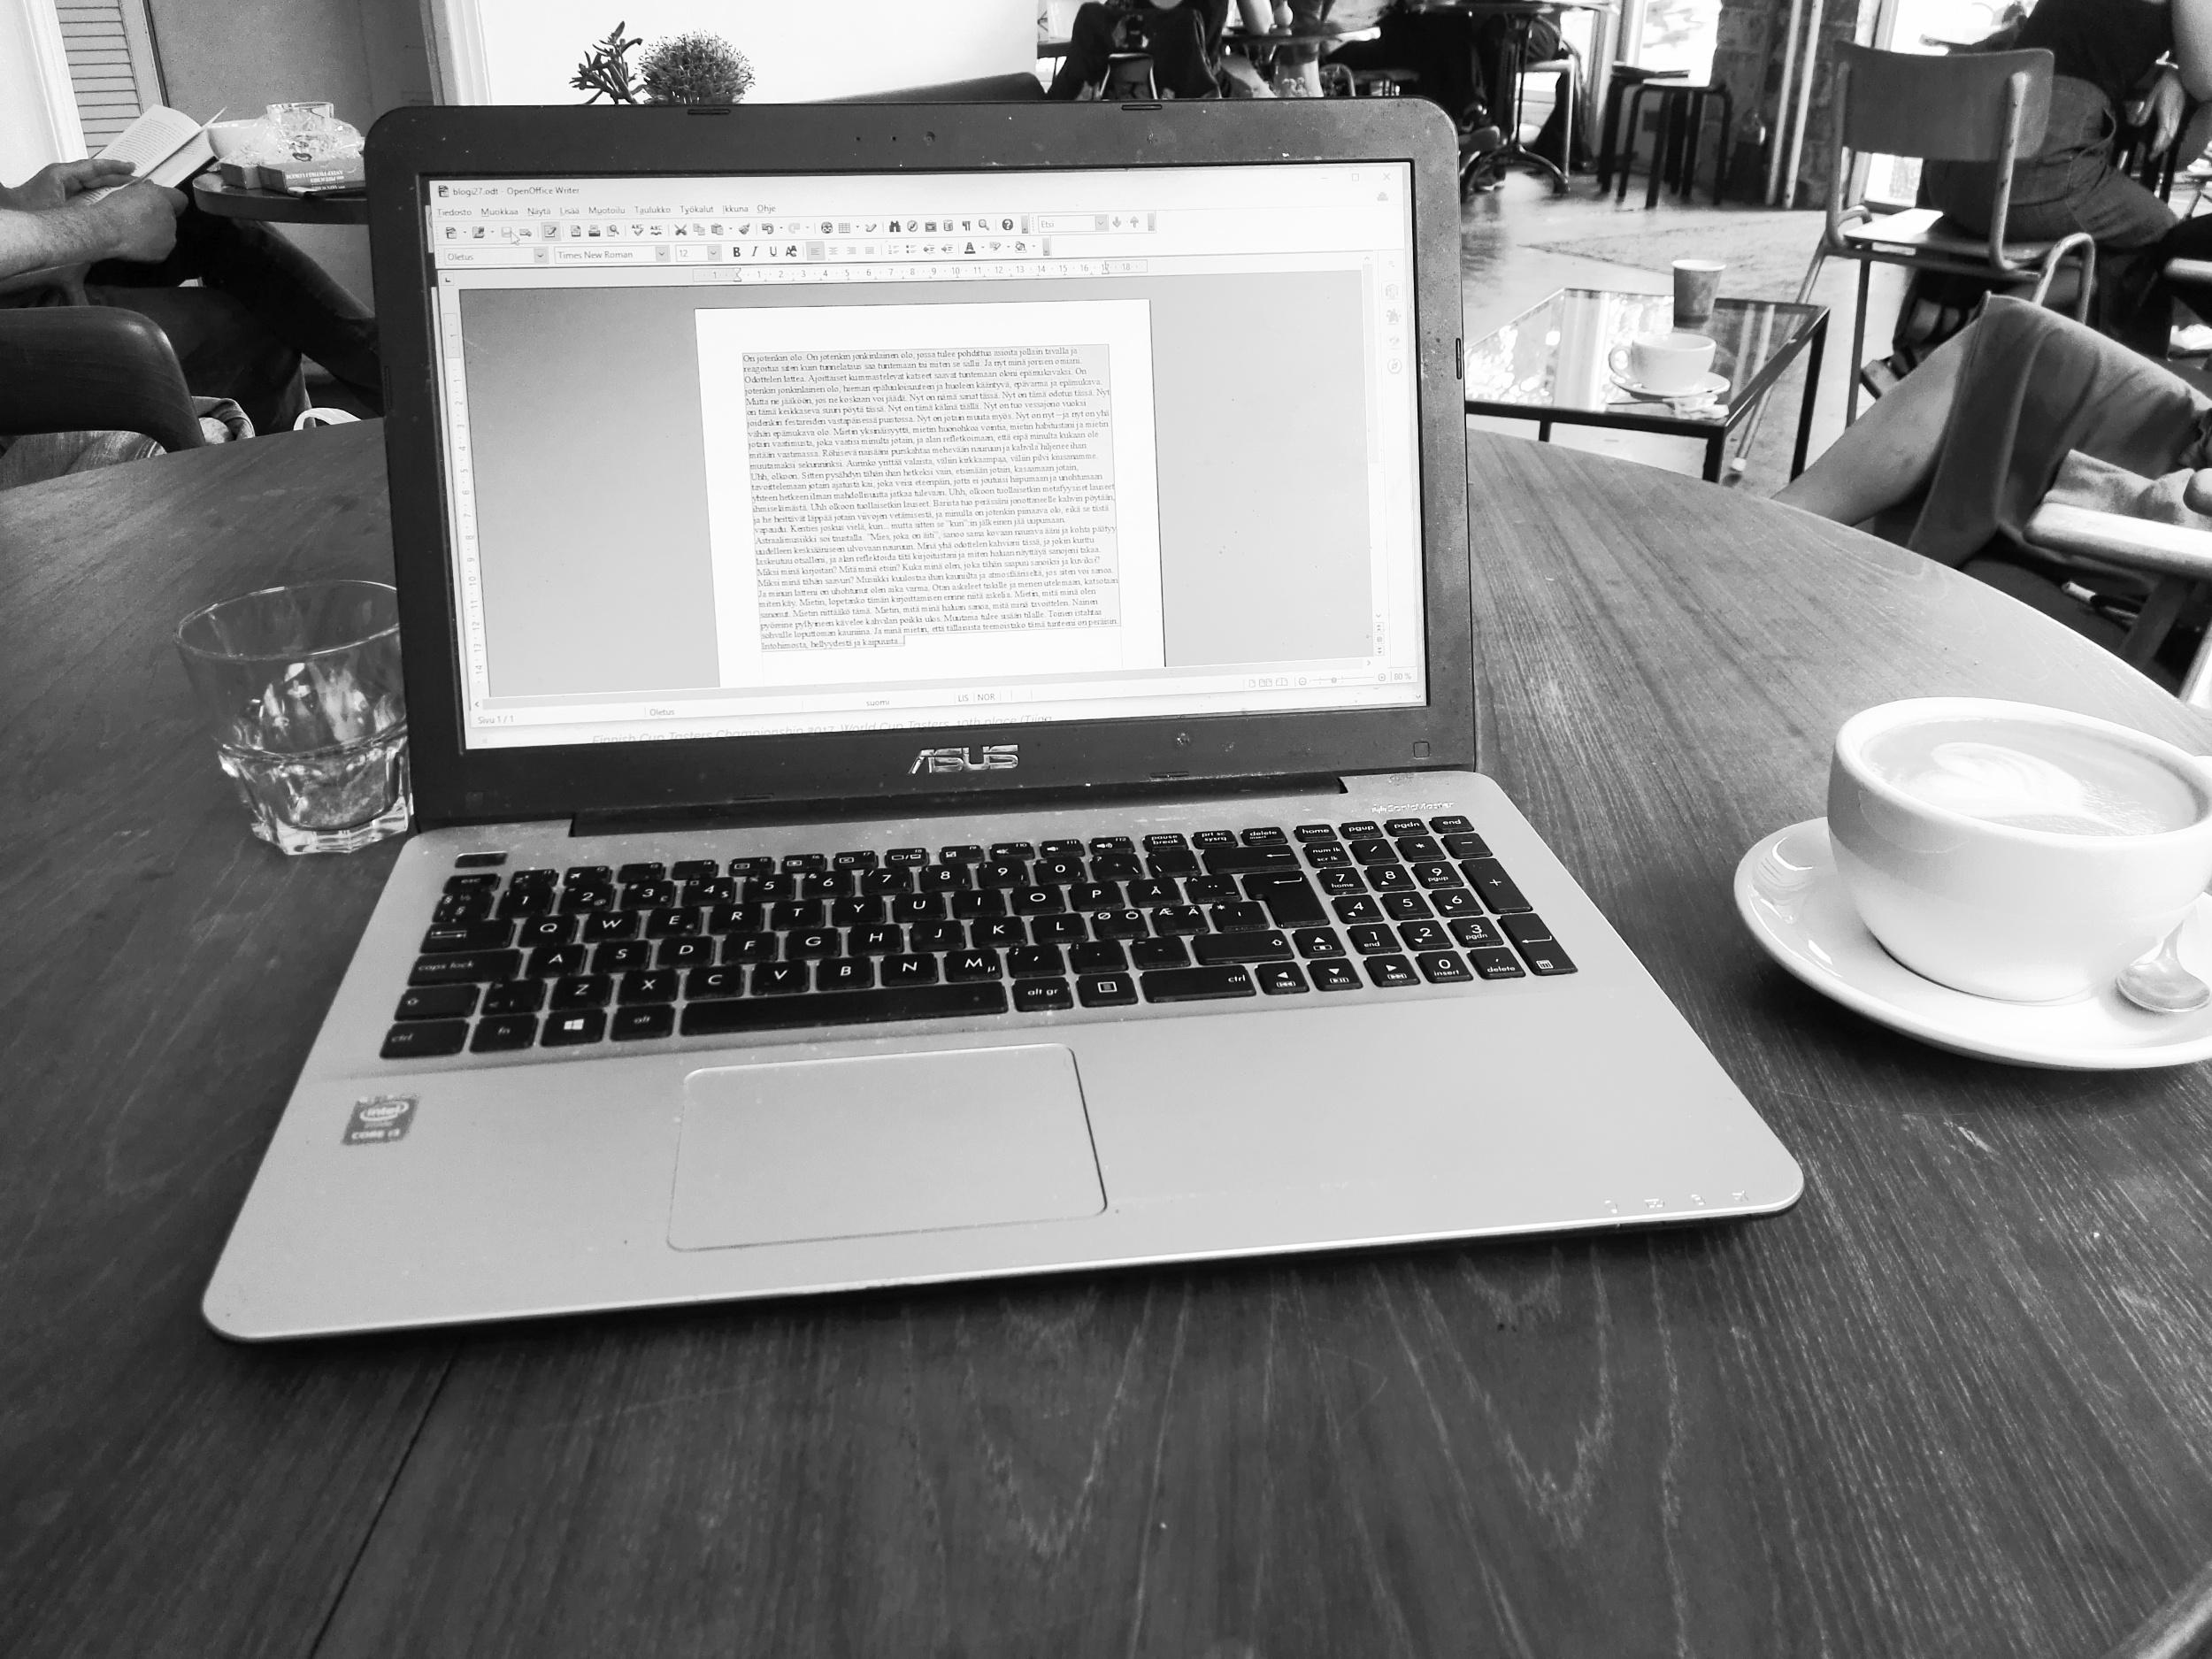 metafiktiivinen kahvikuppini kahvila loputtoman kauniina intohimosta hellyydestä lemmi henrik.jpg